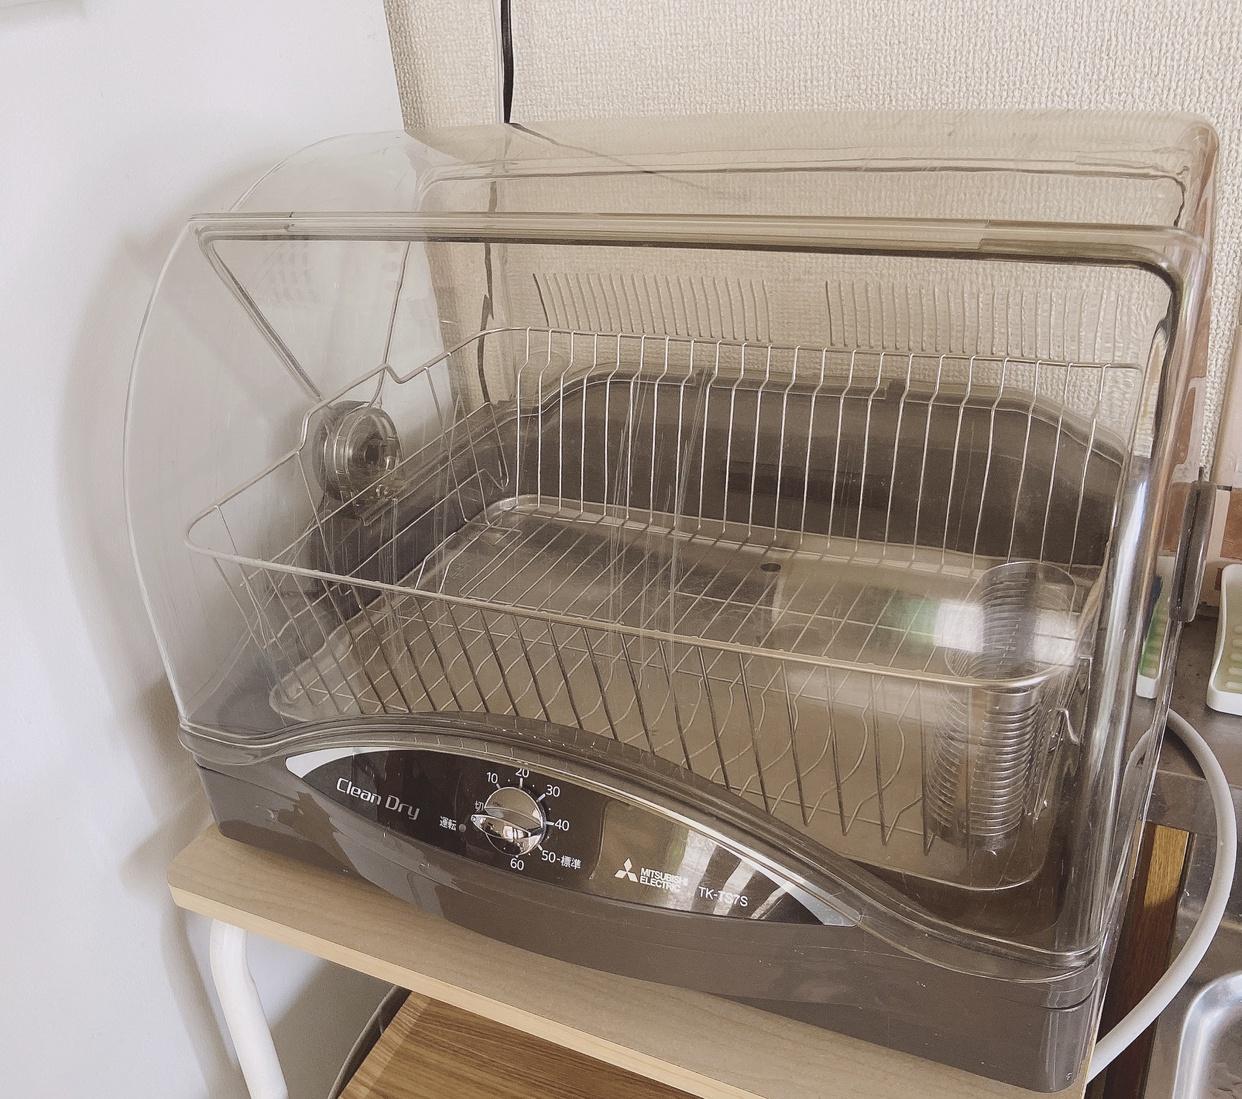 三菱電機(MITSUBISHI ELECTRIC)キッチンドライヤー TK-TS7Sを使ったfumikaさんのクチコミ画像1